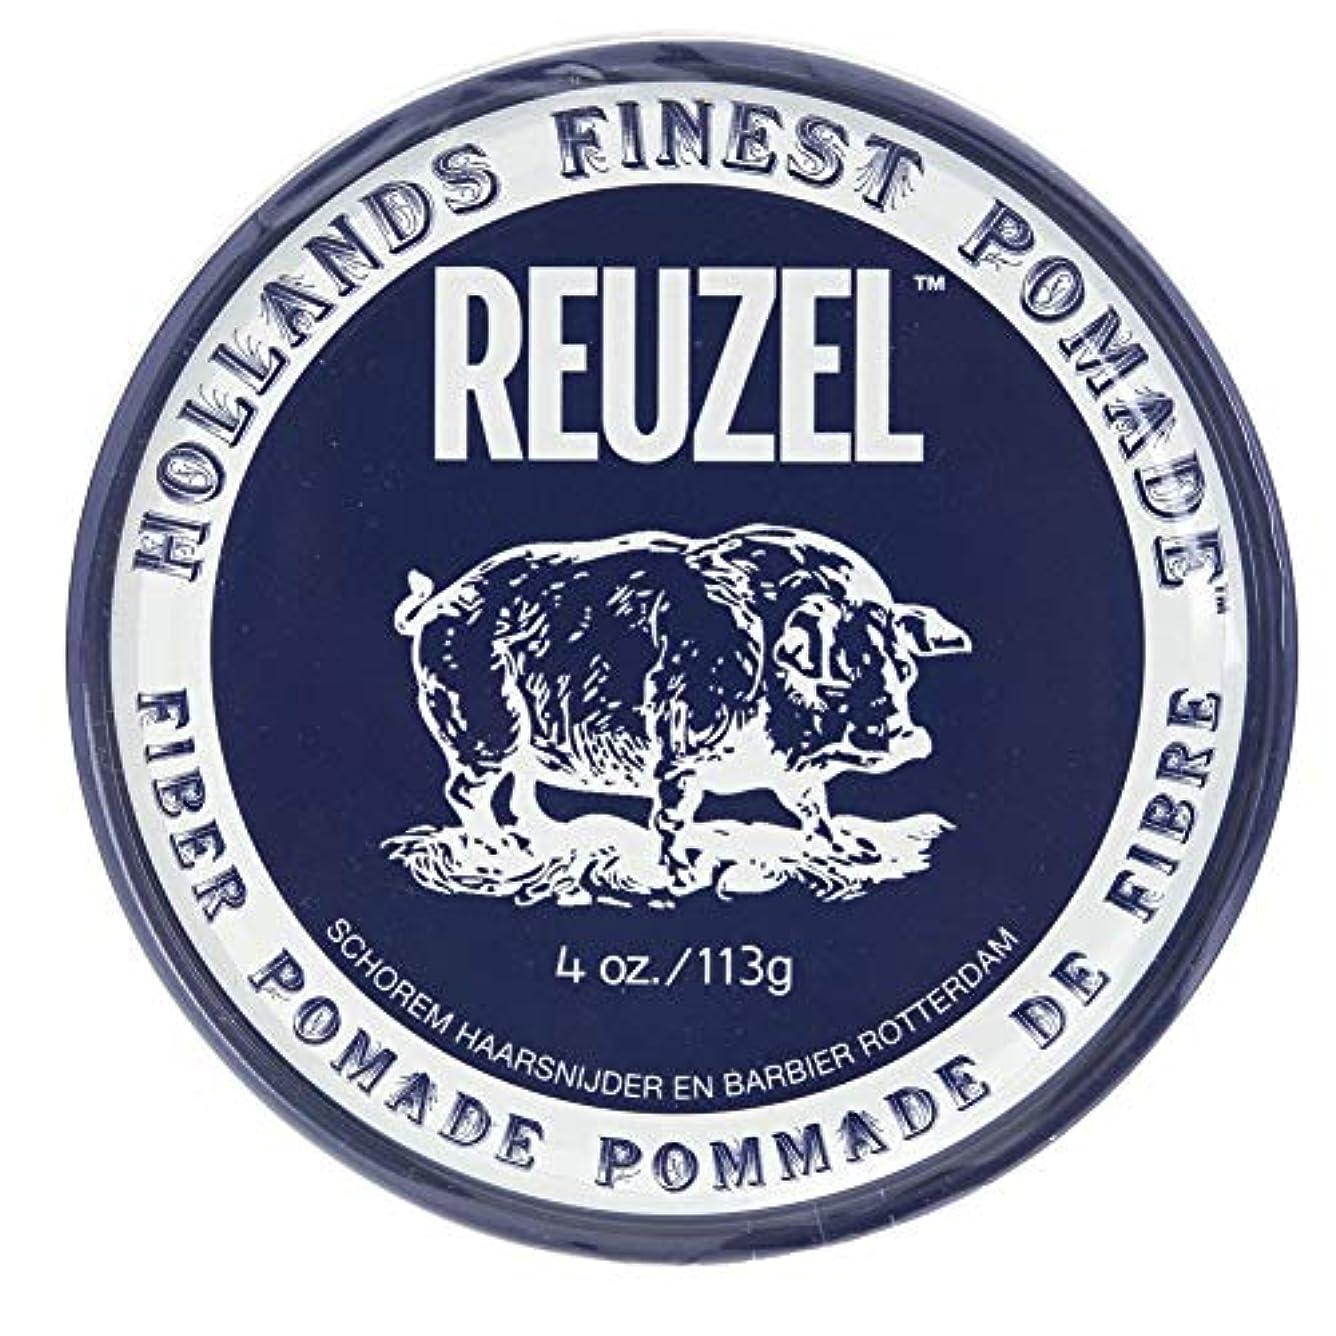 デイジーポテト検出するルーゾー ネイビー ファイバー ポマード Reuzel Navy Fiber Pomade 113 g [並行輸入品]